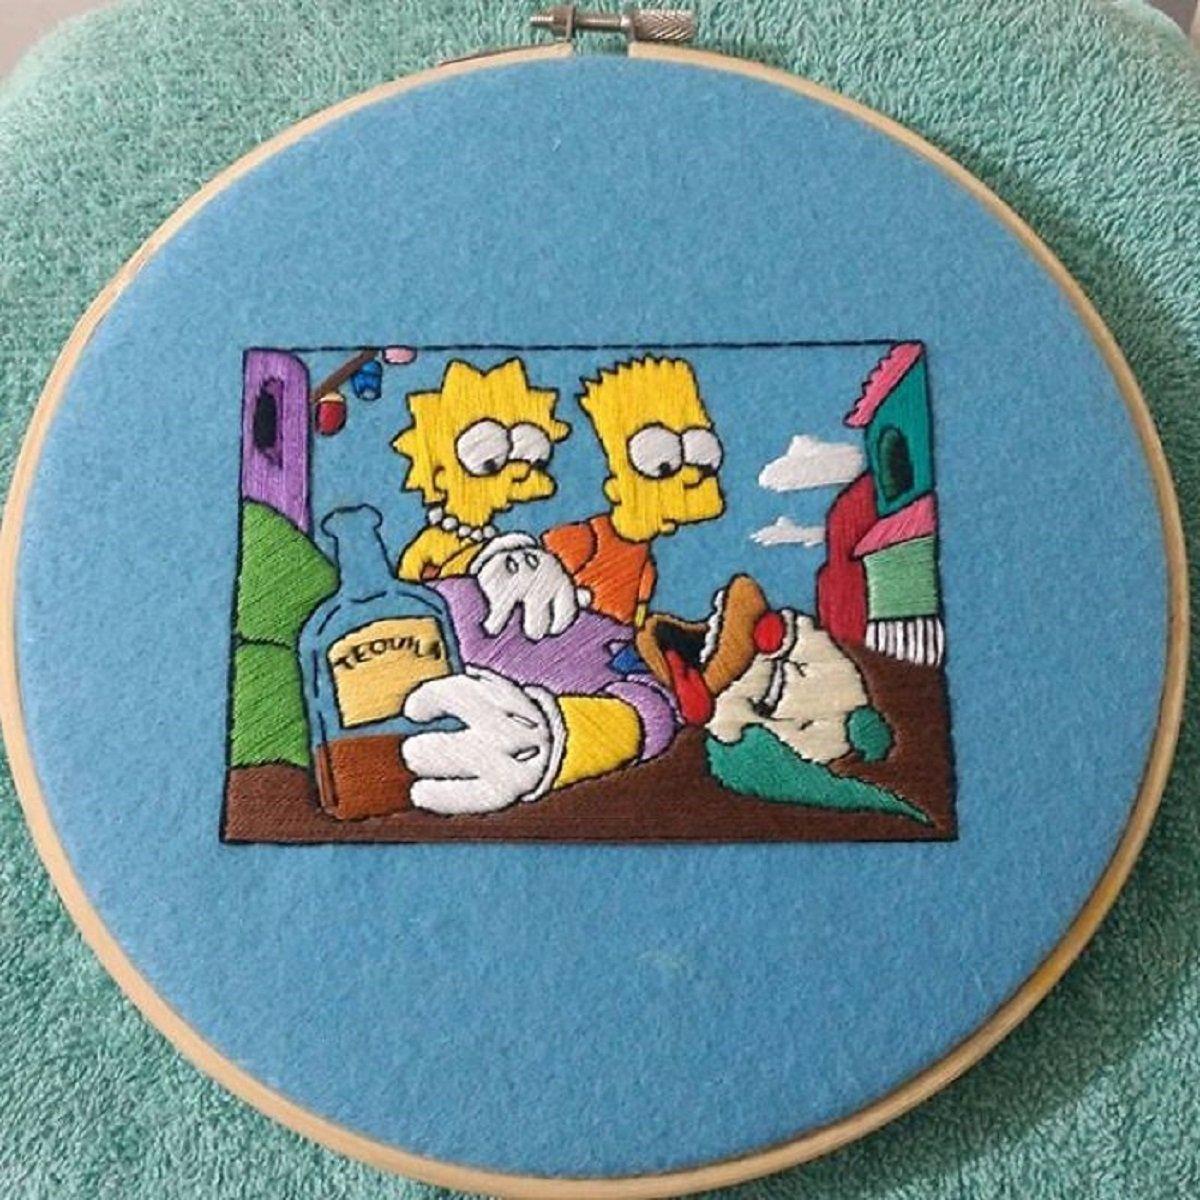 Artista Gabriela Martinez cria bordados de cenas de Os Simpsons 29